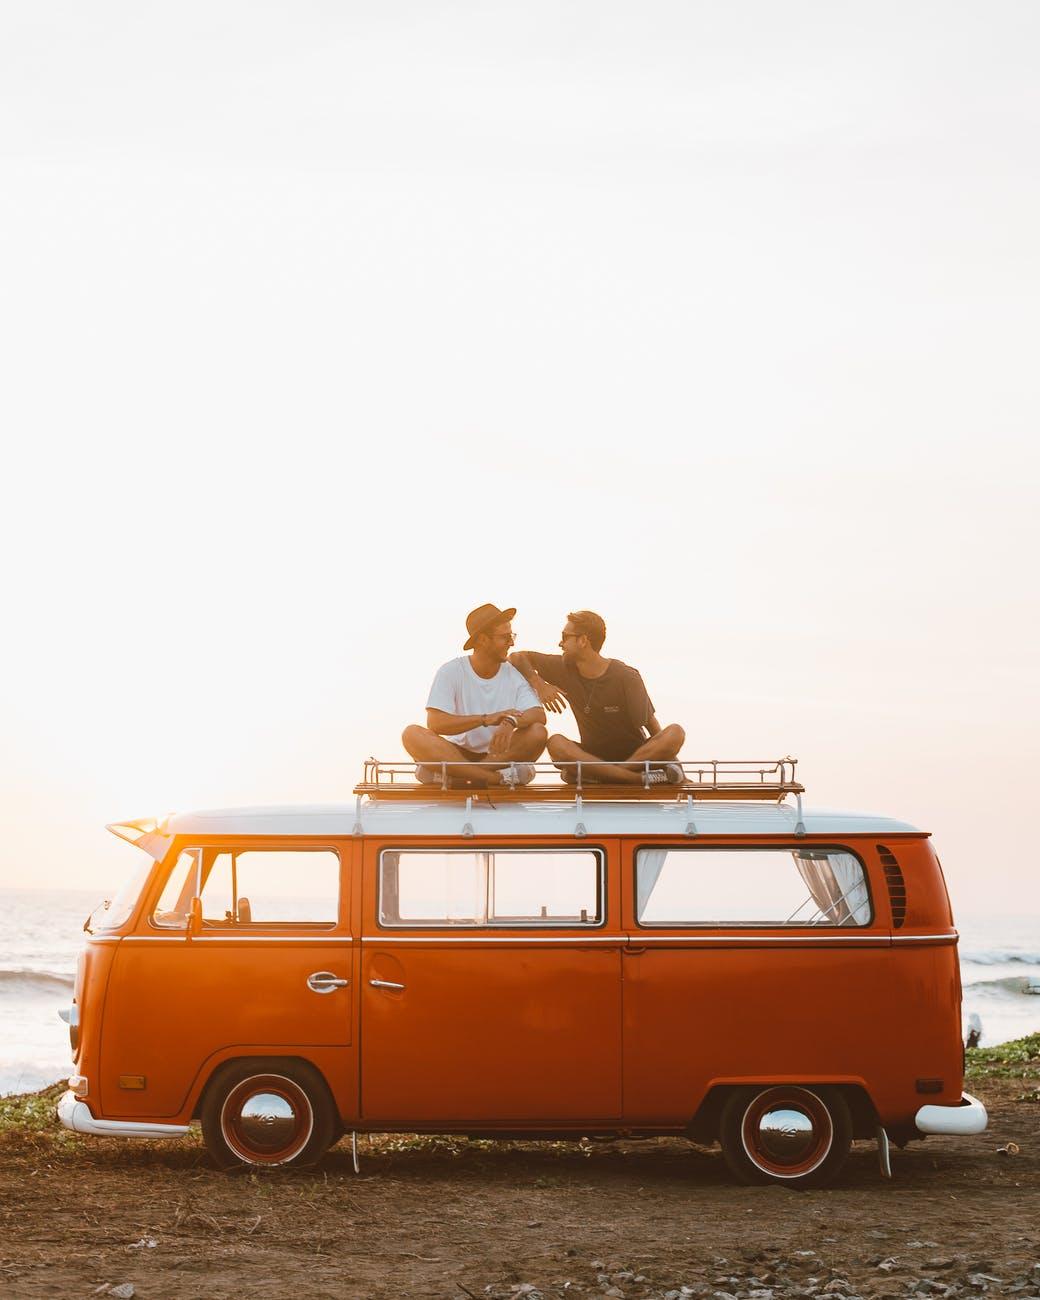 Rutas nacionales e internacionales para viajar en autocaravana y camper